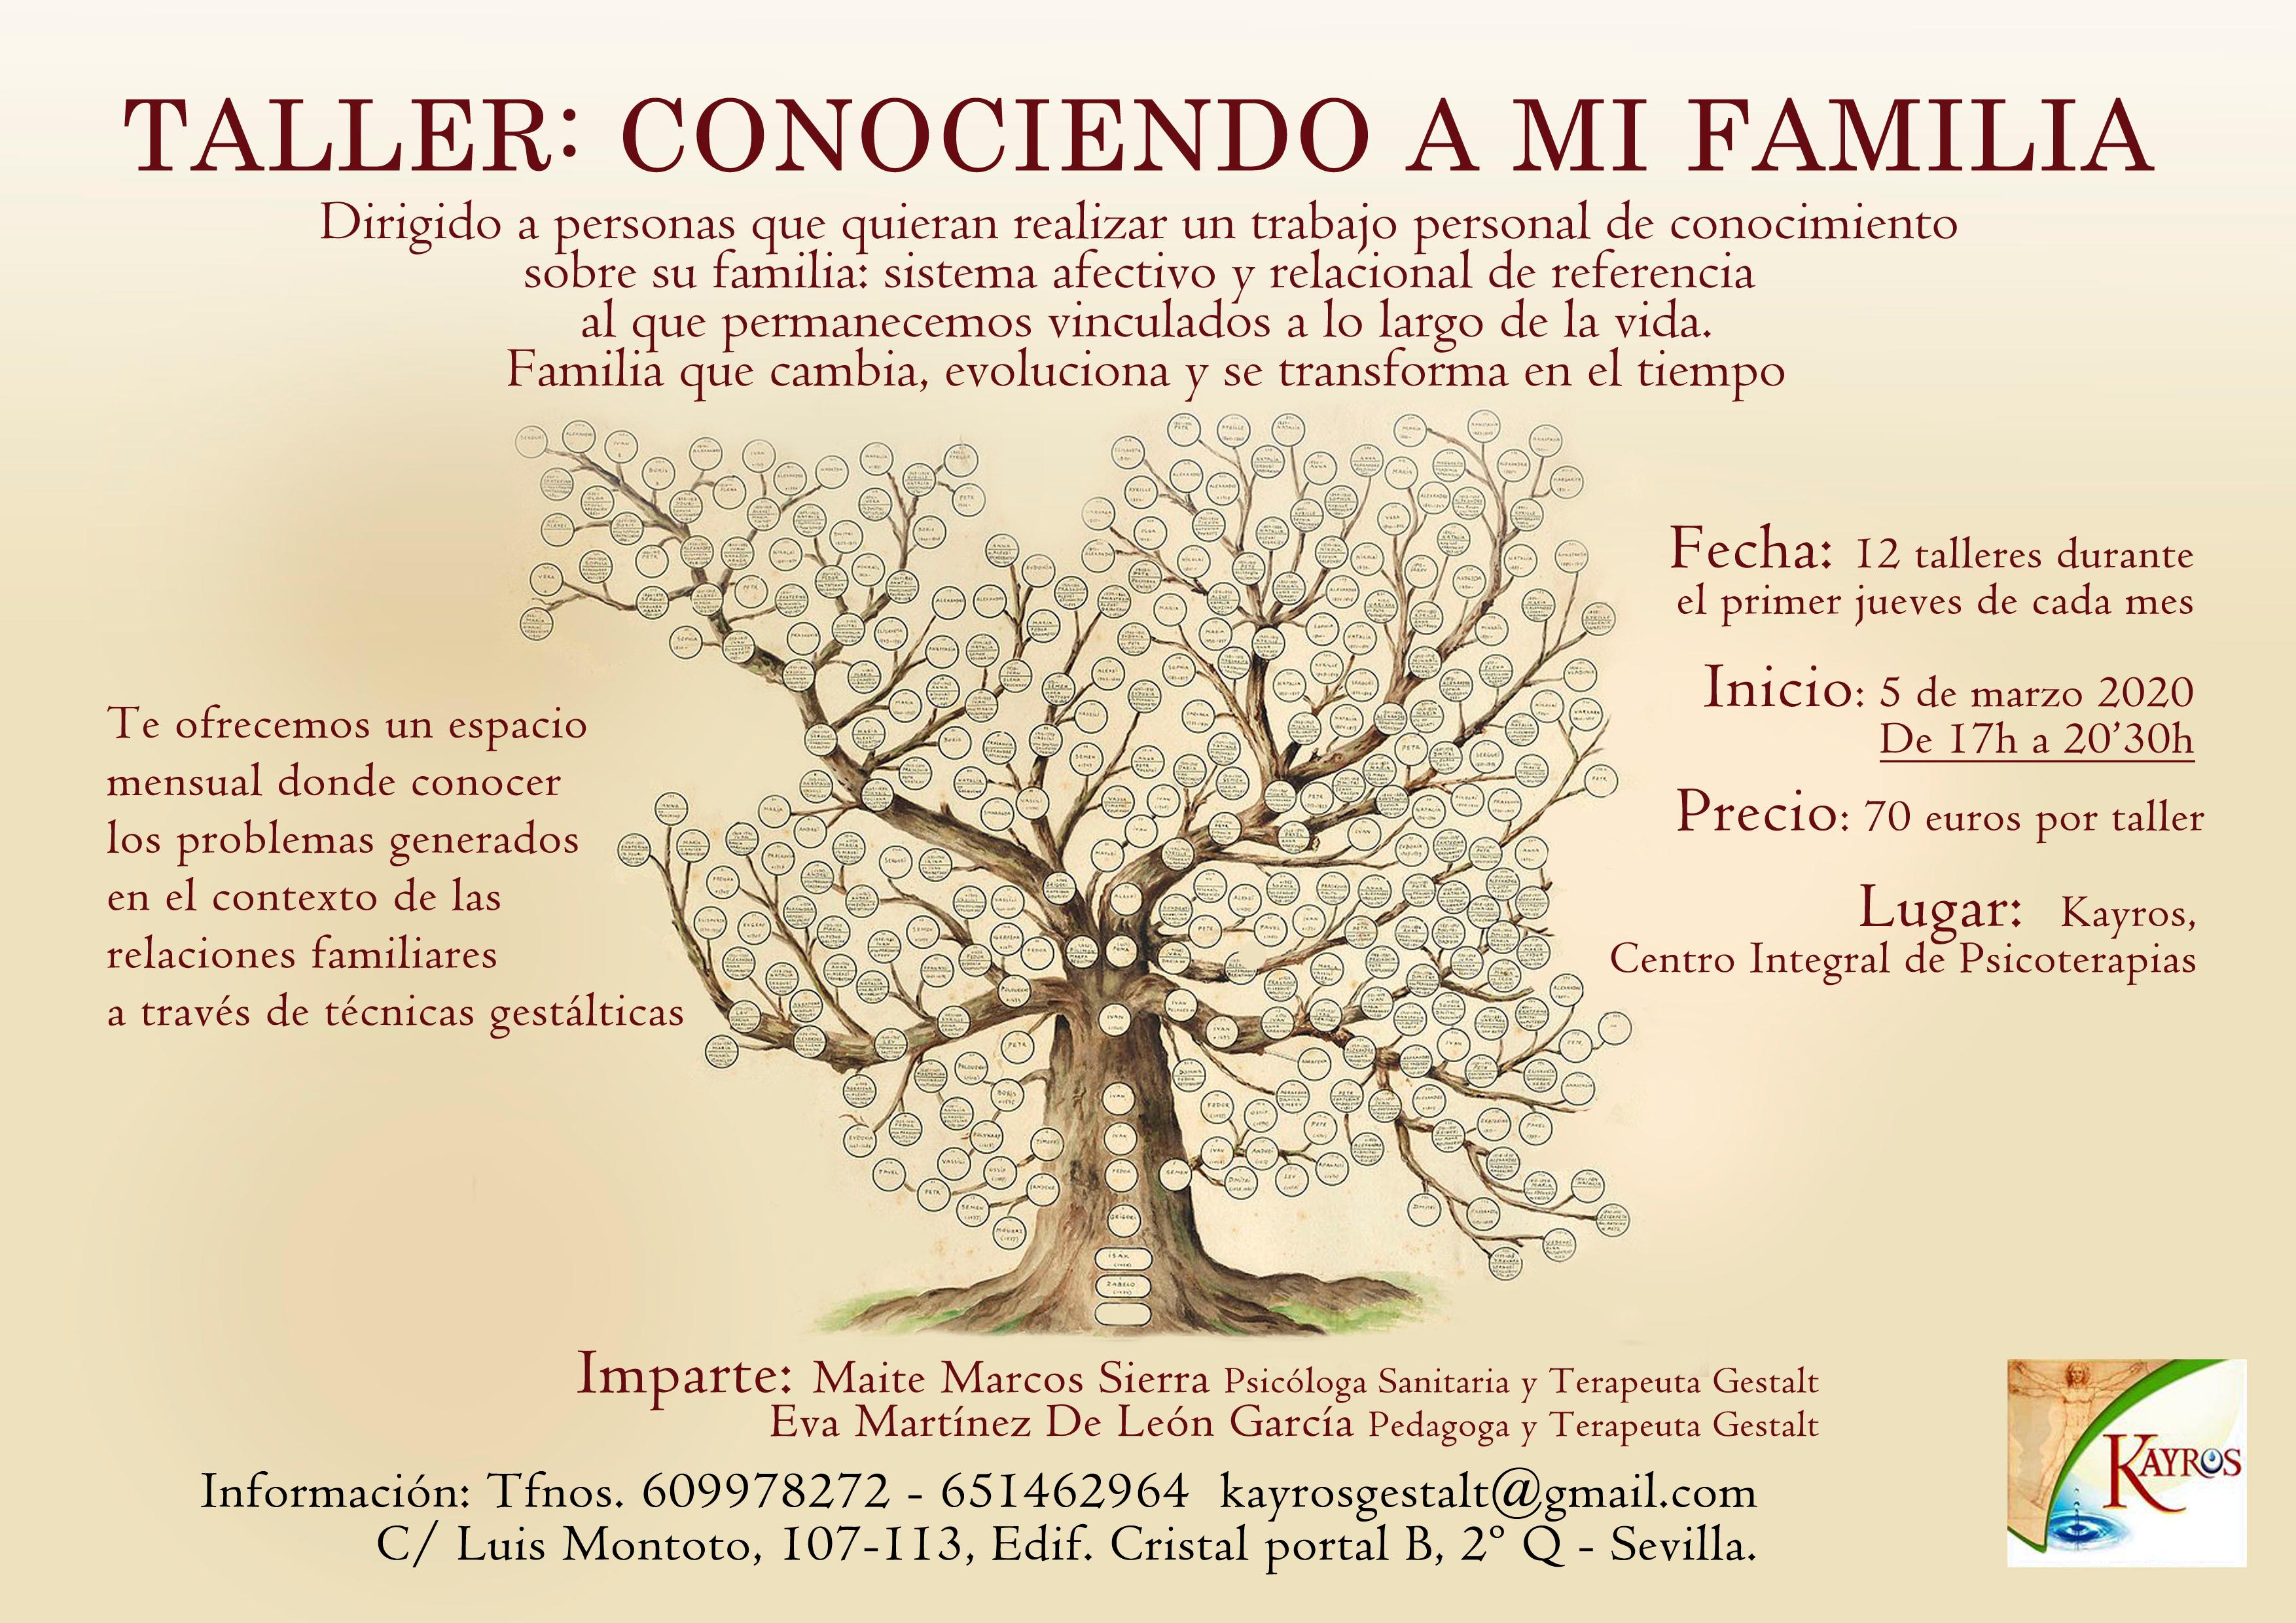 el giraldillo eventos recomendados para hoy en andaluc iacute a mindfulness adultos y grupos de atencioacuten plena para nintildeos